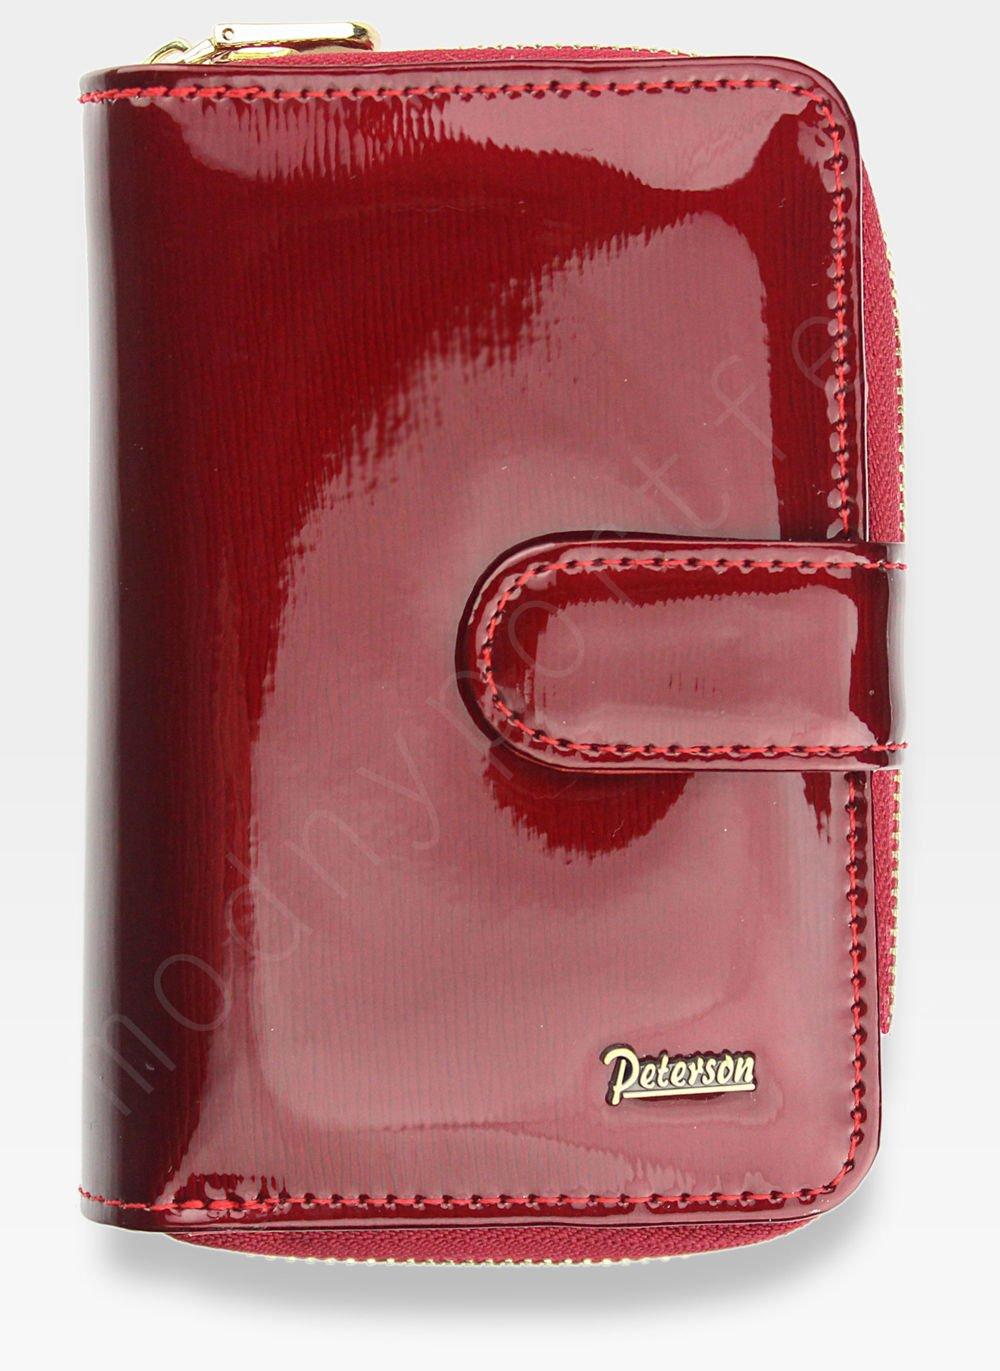 cbff74f7c00e3 Kliknij, aby powiększyć; Portfel Damski Skórzany PETERSON Lakierowany  Ekskluzywny Czerwony 602